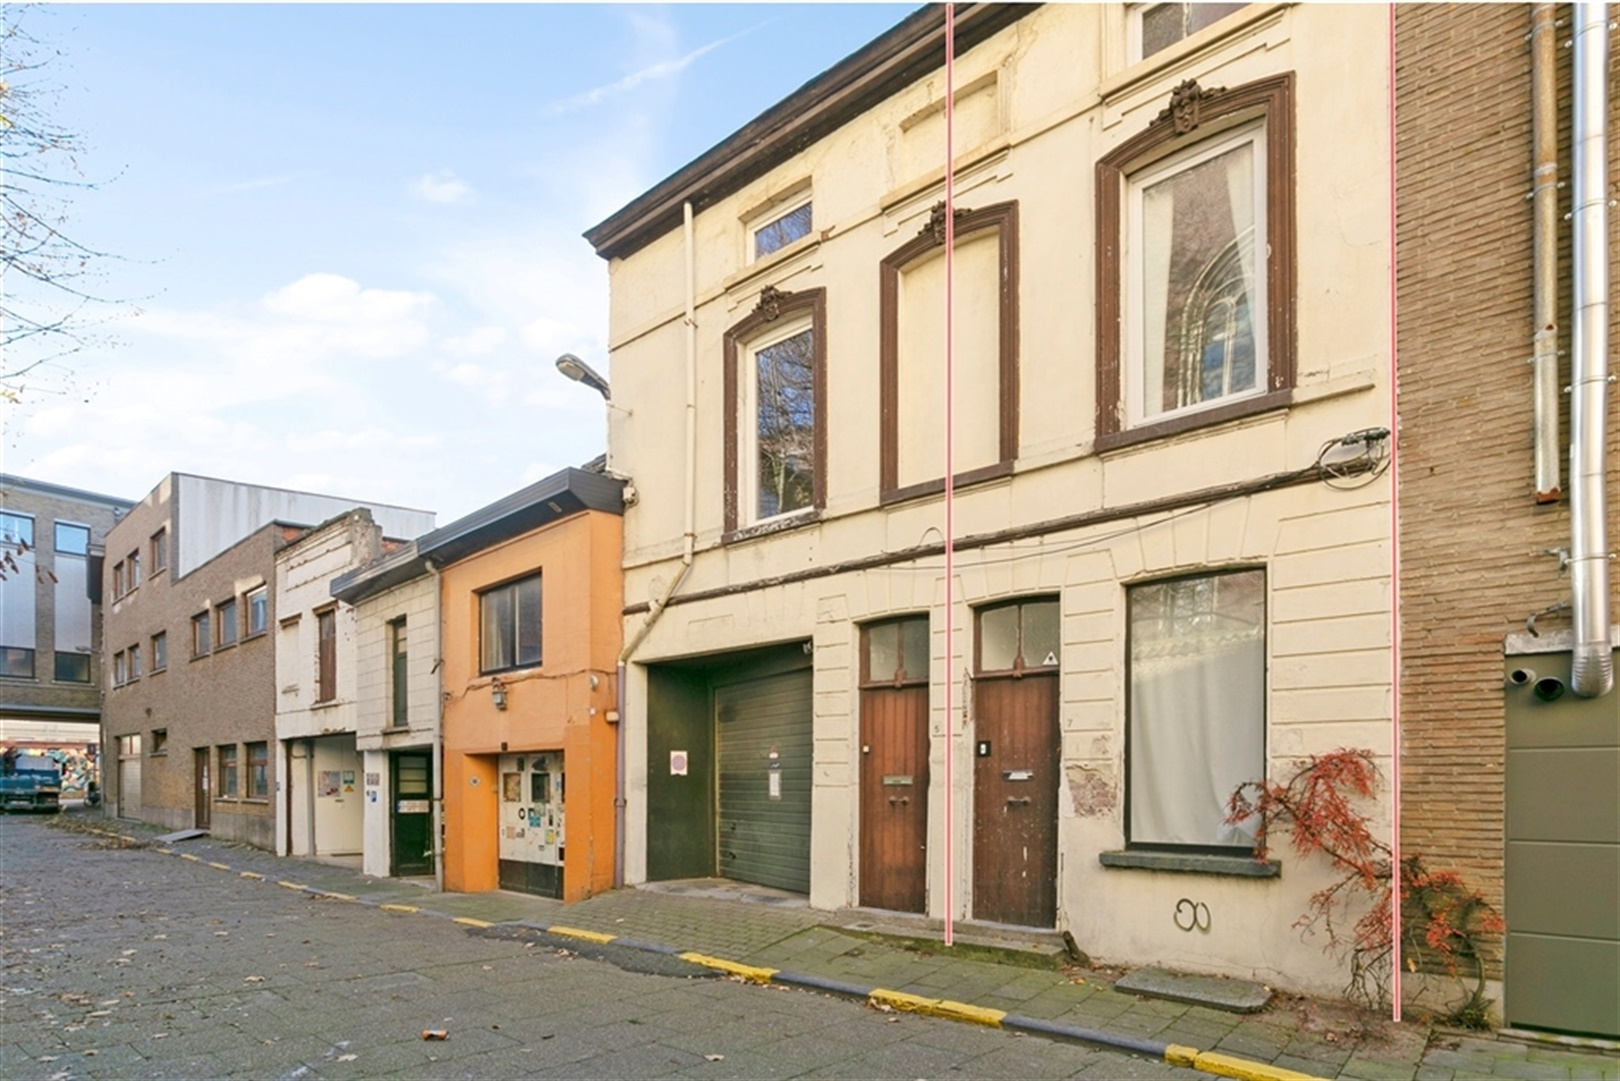 Karaktervolle authentieke steegwoning in hartje van Gent!